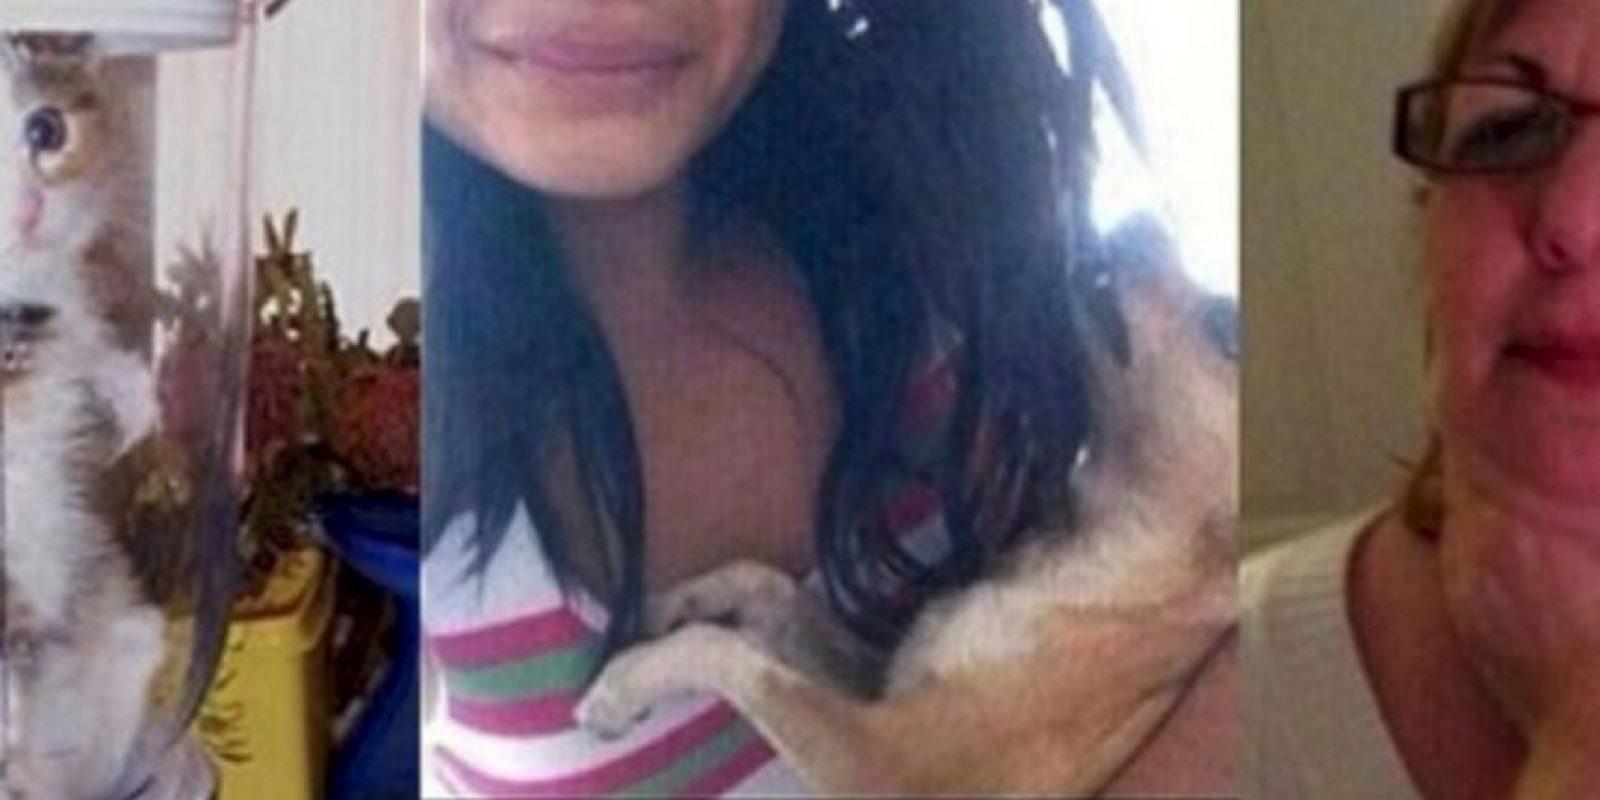 """Una fan de One Direction dijo que mató a su chihuahua porque la banda no le respondió sus peticiones de seguirla en Twitter. Solo decía """"Síganme o mato a mi perro"""". Luego le escribió a Lyam Payne """"Sígueme. Mi perro murió"""" y mostraba la foto de un perro muerto. Pero todo fue una farsa, ya que las fotos eran tomadas de Internet. Sin embargo, muchos quieren darle una lección: ya hay 3 mil firmas para que ella vaya a prisión. Foto:vía Oddee"""